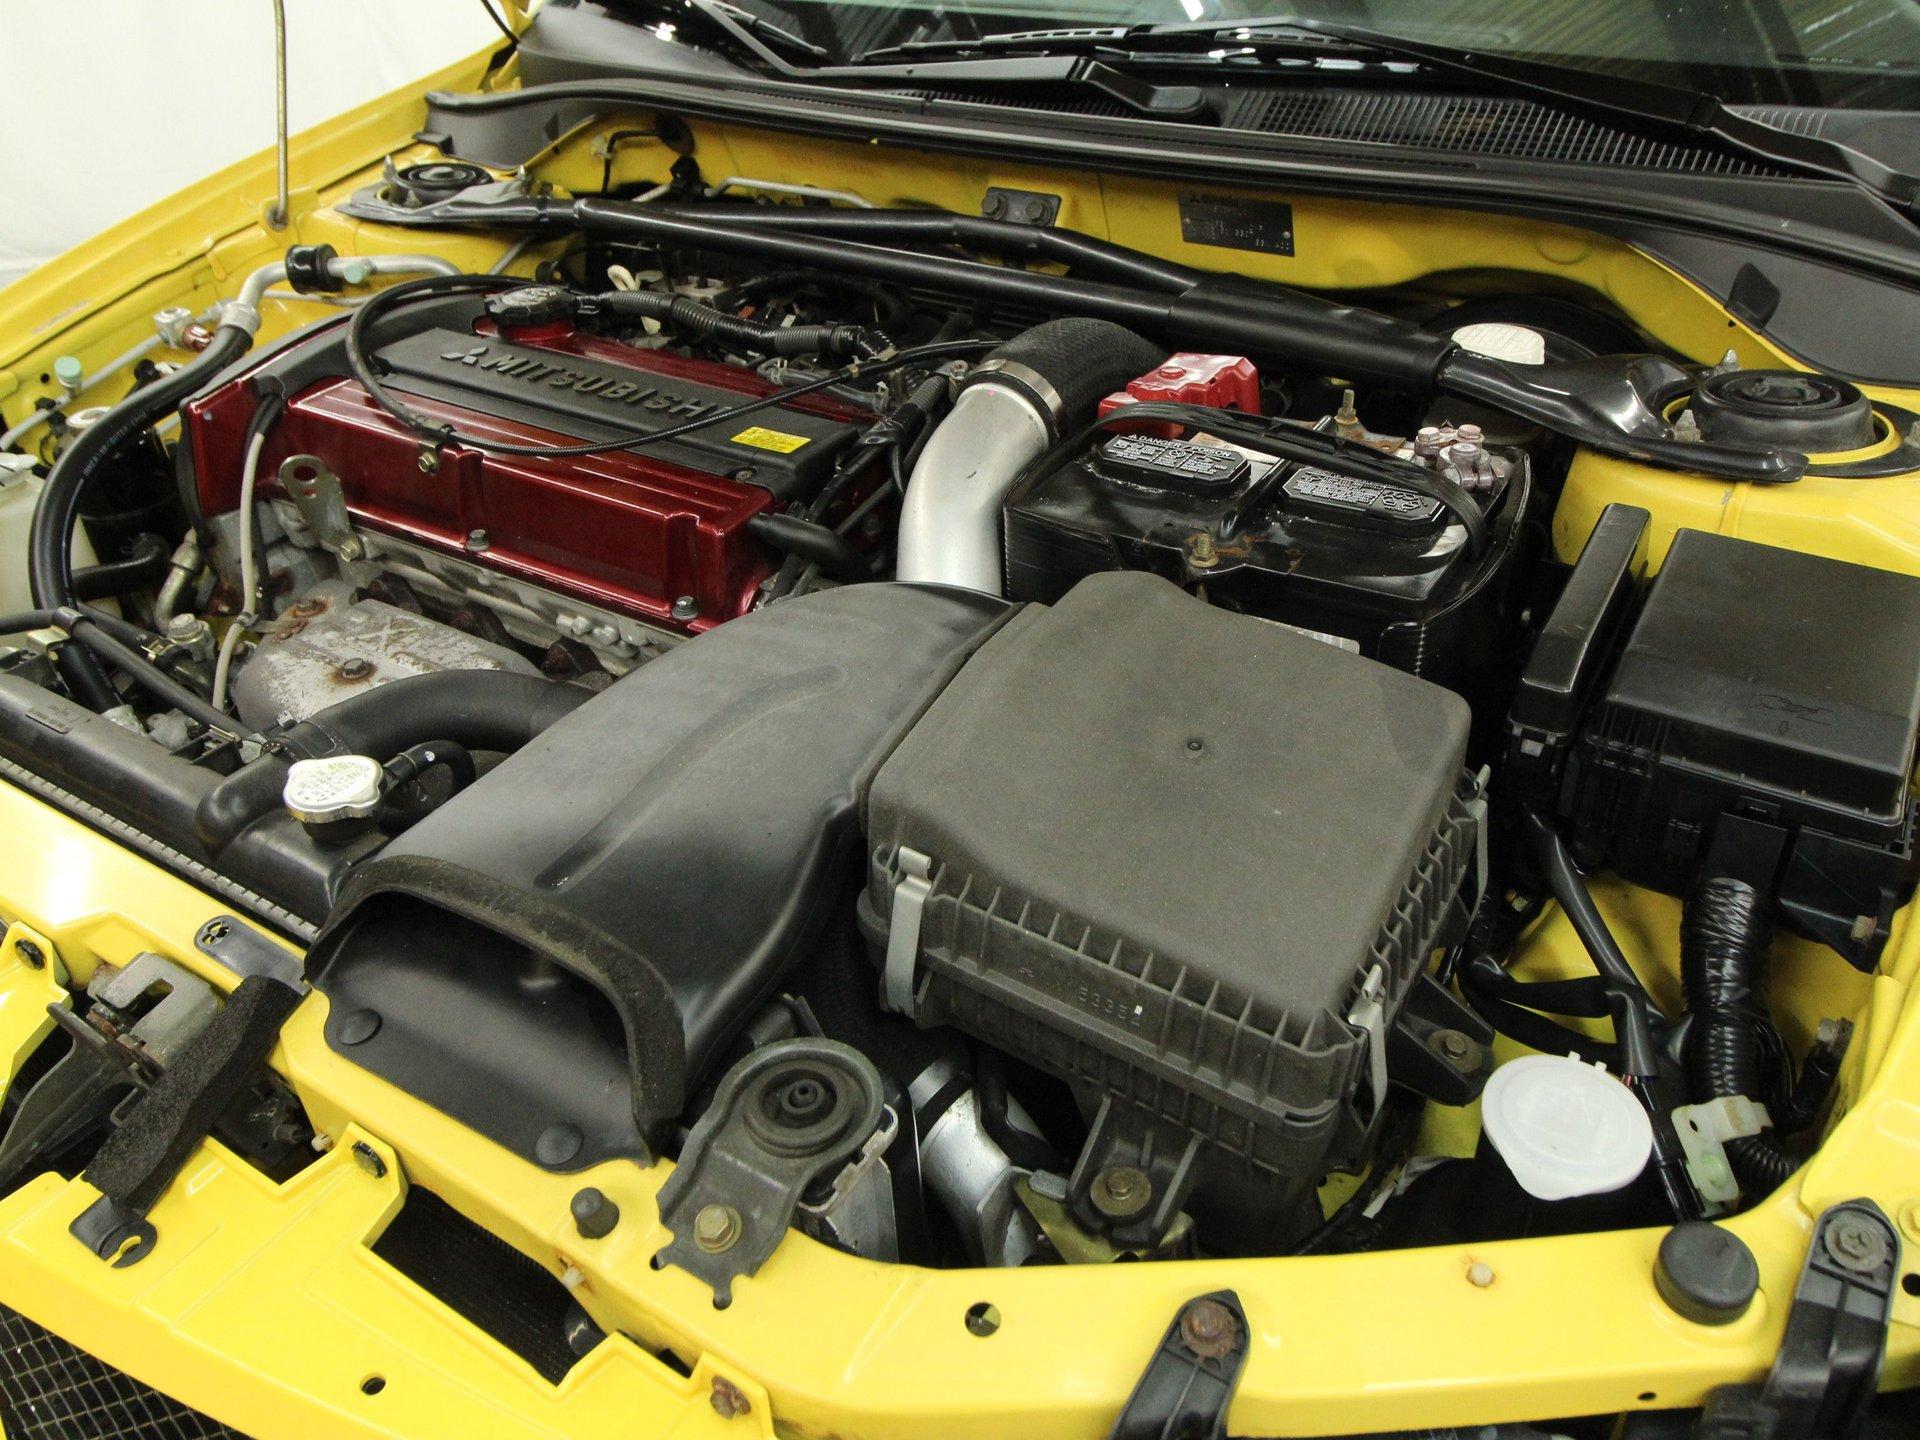 2003 Mitsubishi Lancer